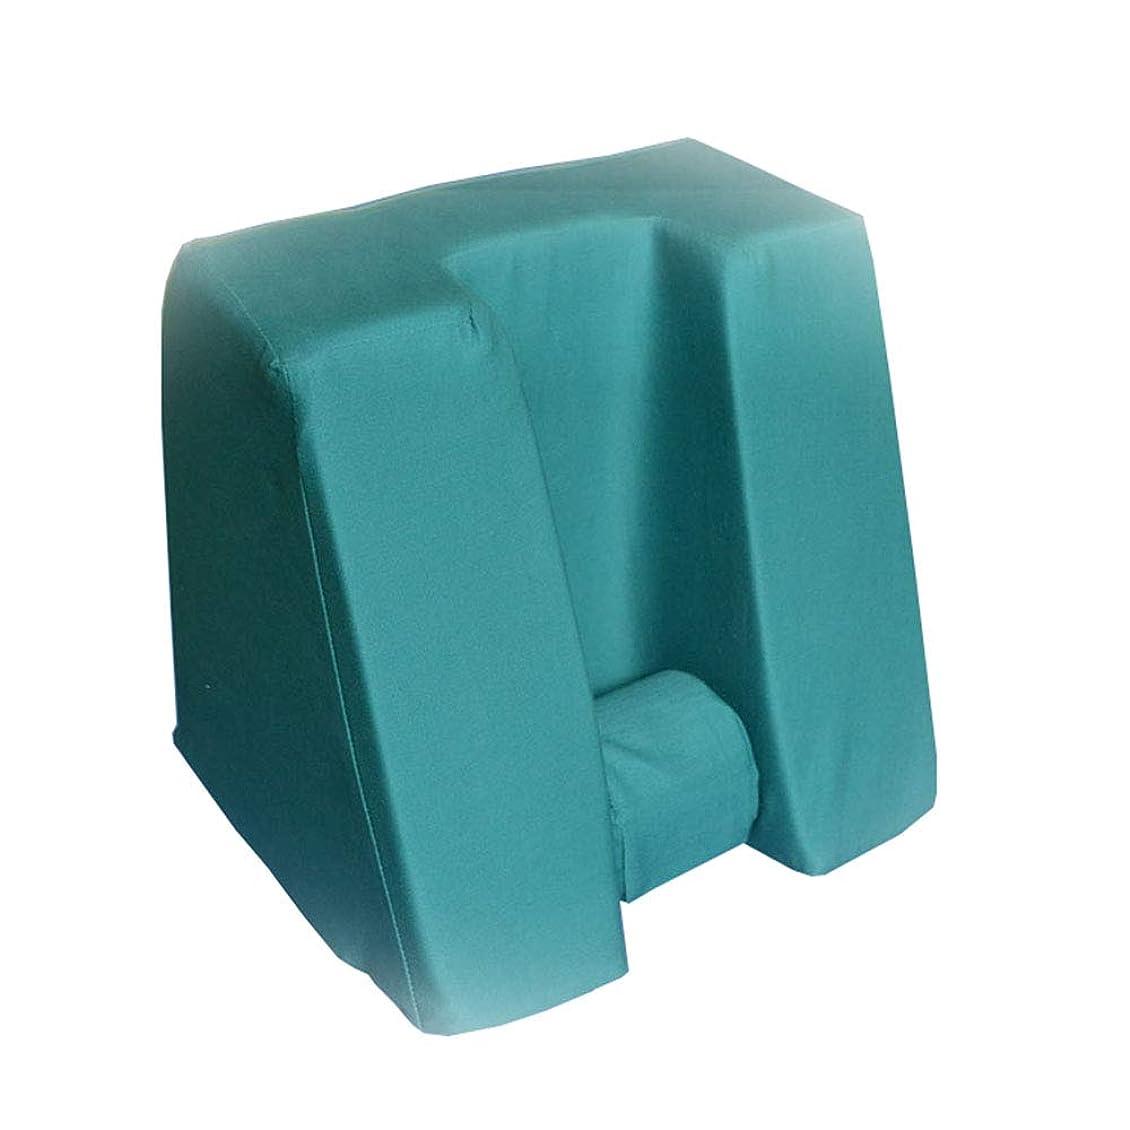 寛容配送廃止足垂れ器具、かかと足変形器、反内側、外側回転